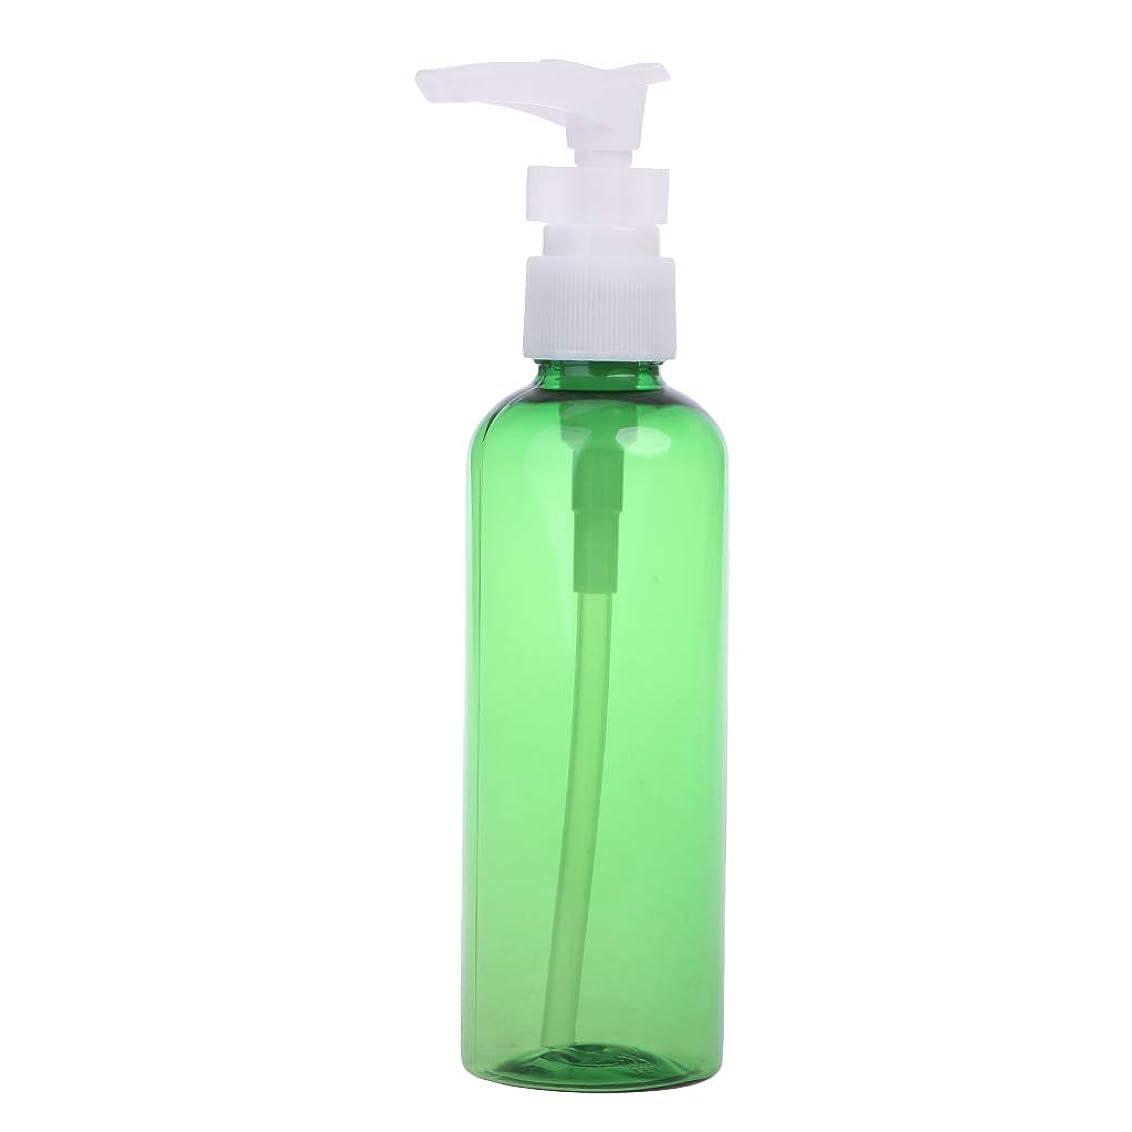 マーケティング弾薬主流Dabixx 1ピース30ミリリットル - 100ミリリットル石鹸シャンプーローション泡水プラスチックプレスポンプスプレーボトル - 深緑 - 100ML